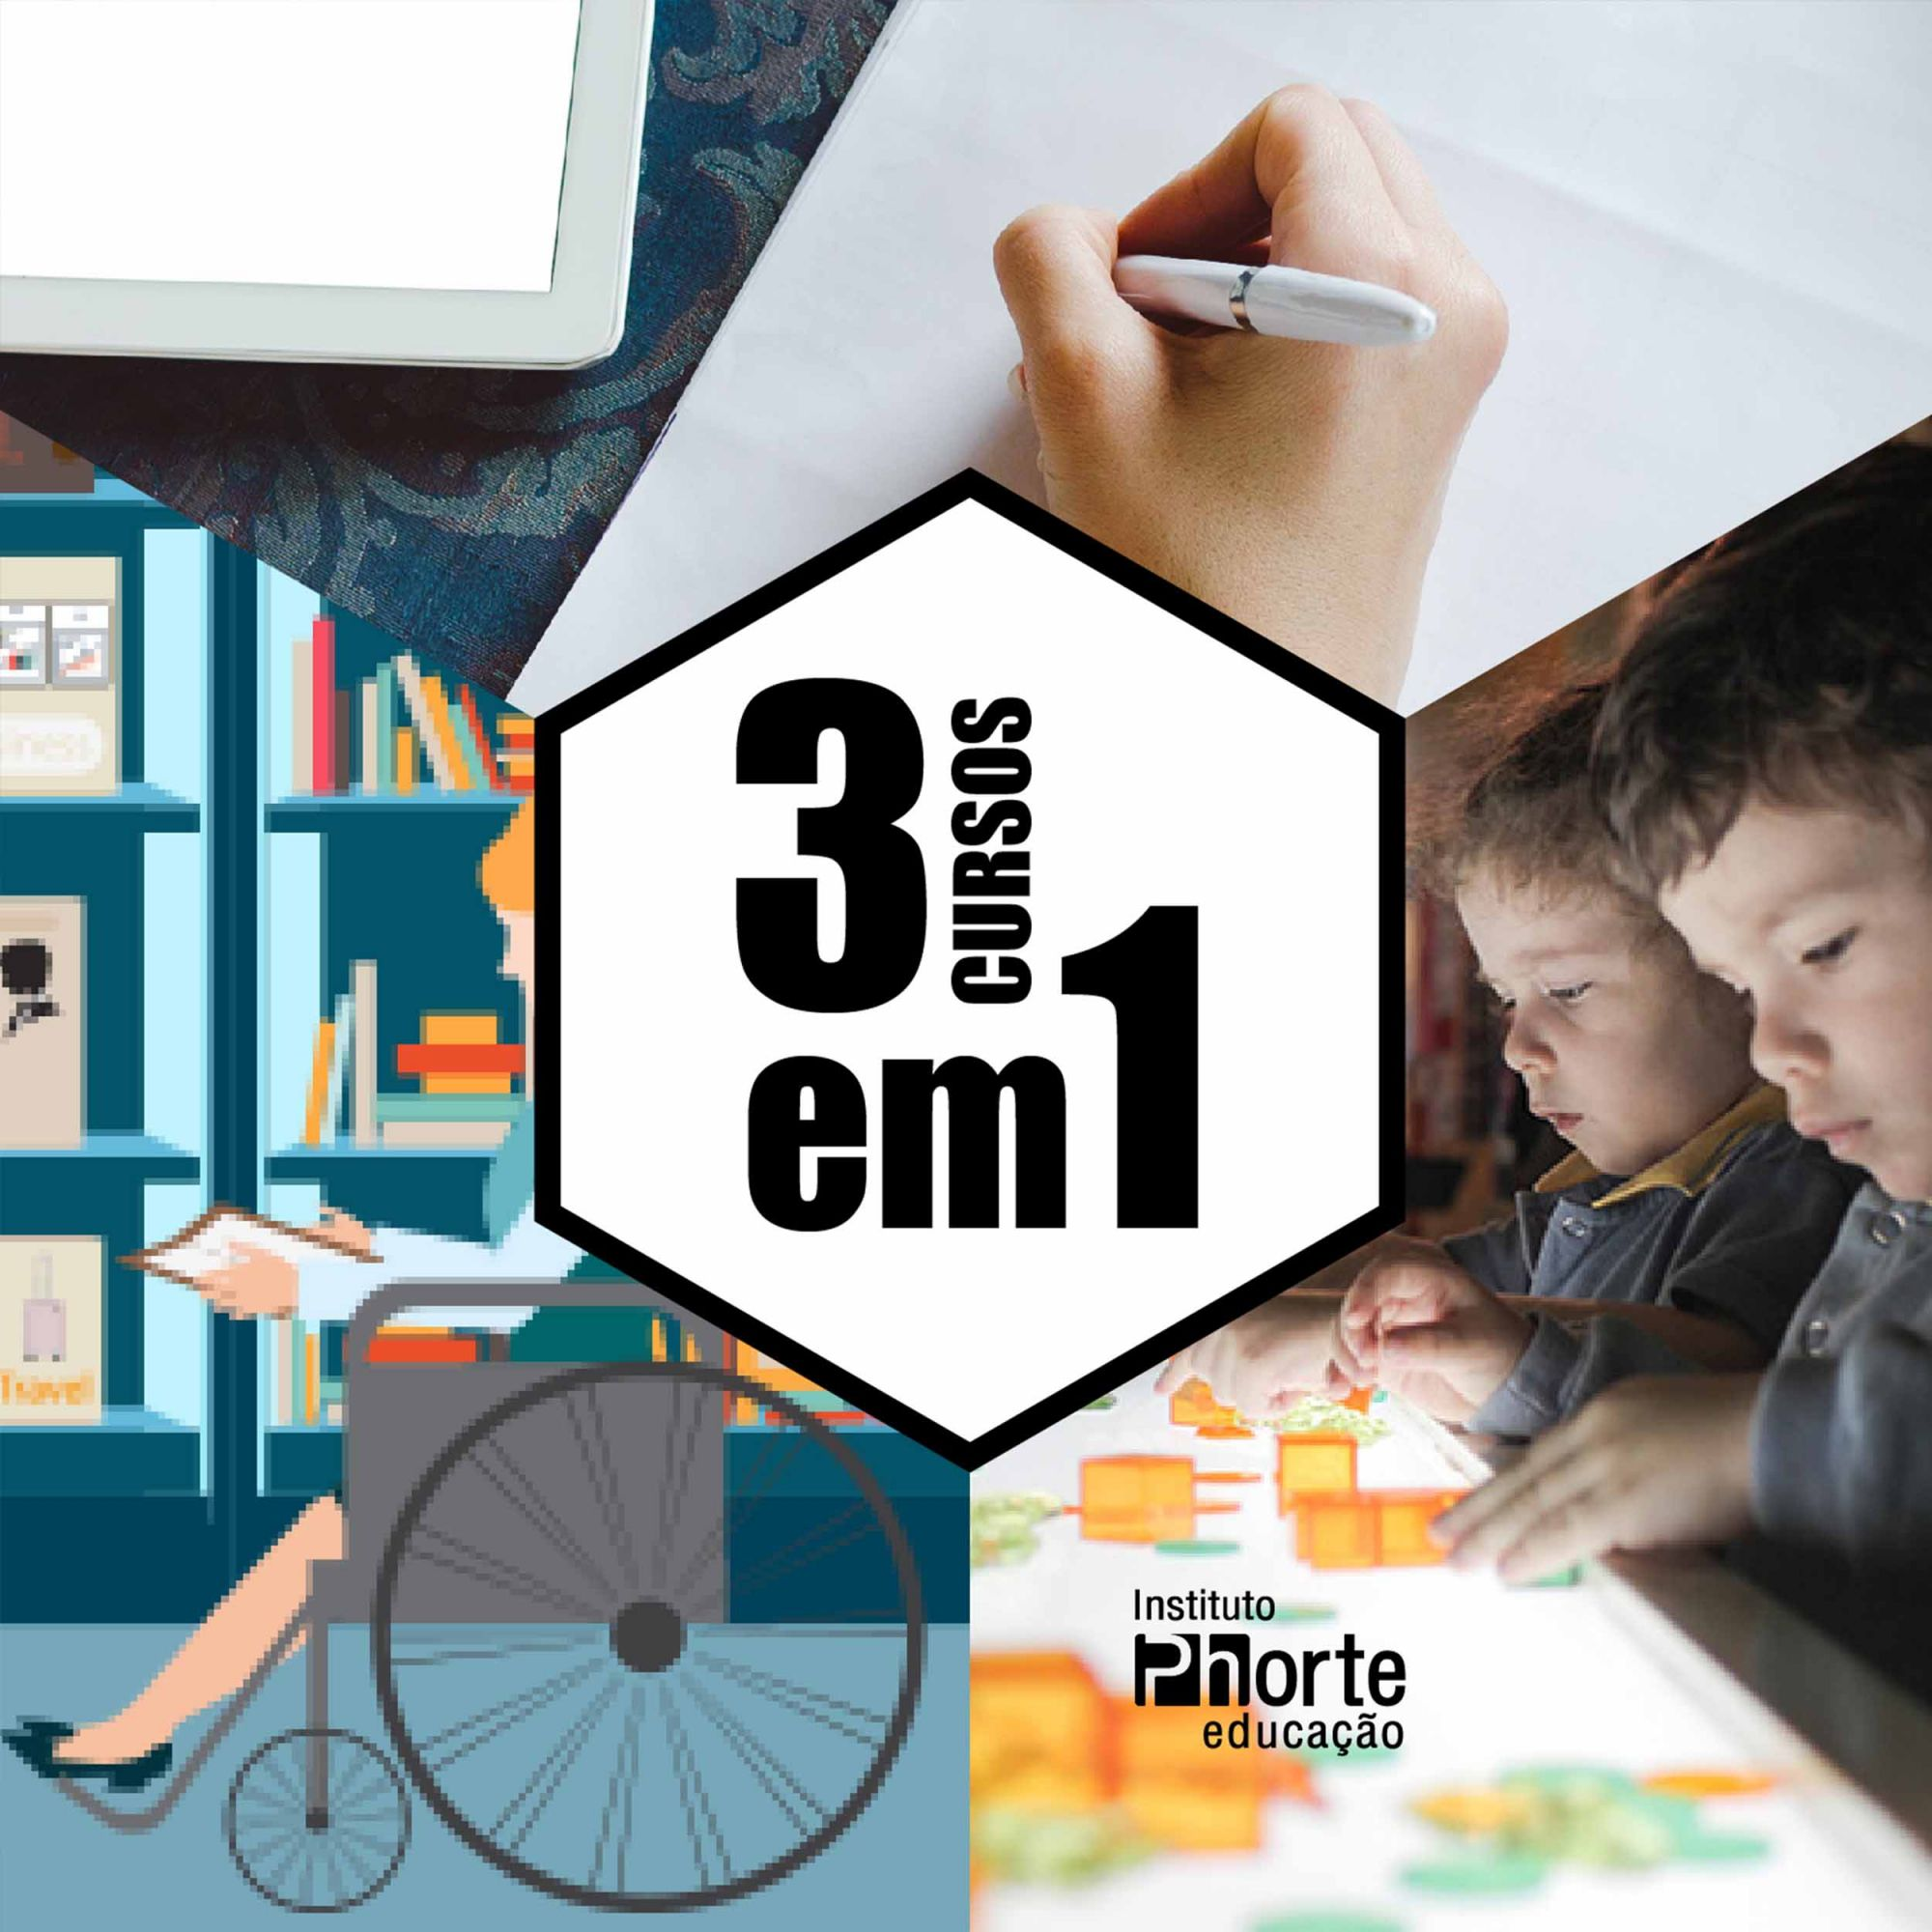 Combo Educação 2  - Cursos distância e aulas online Instituto Phorte Educação.